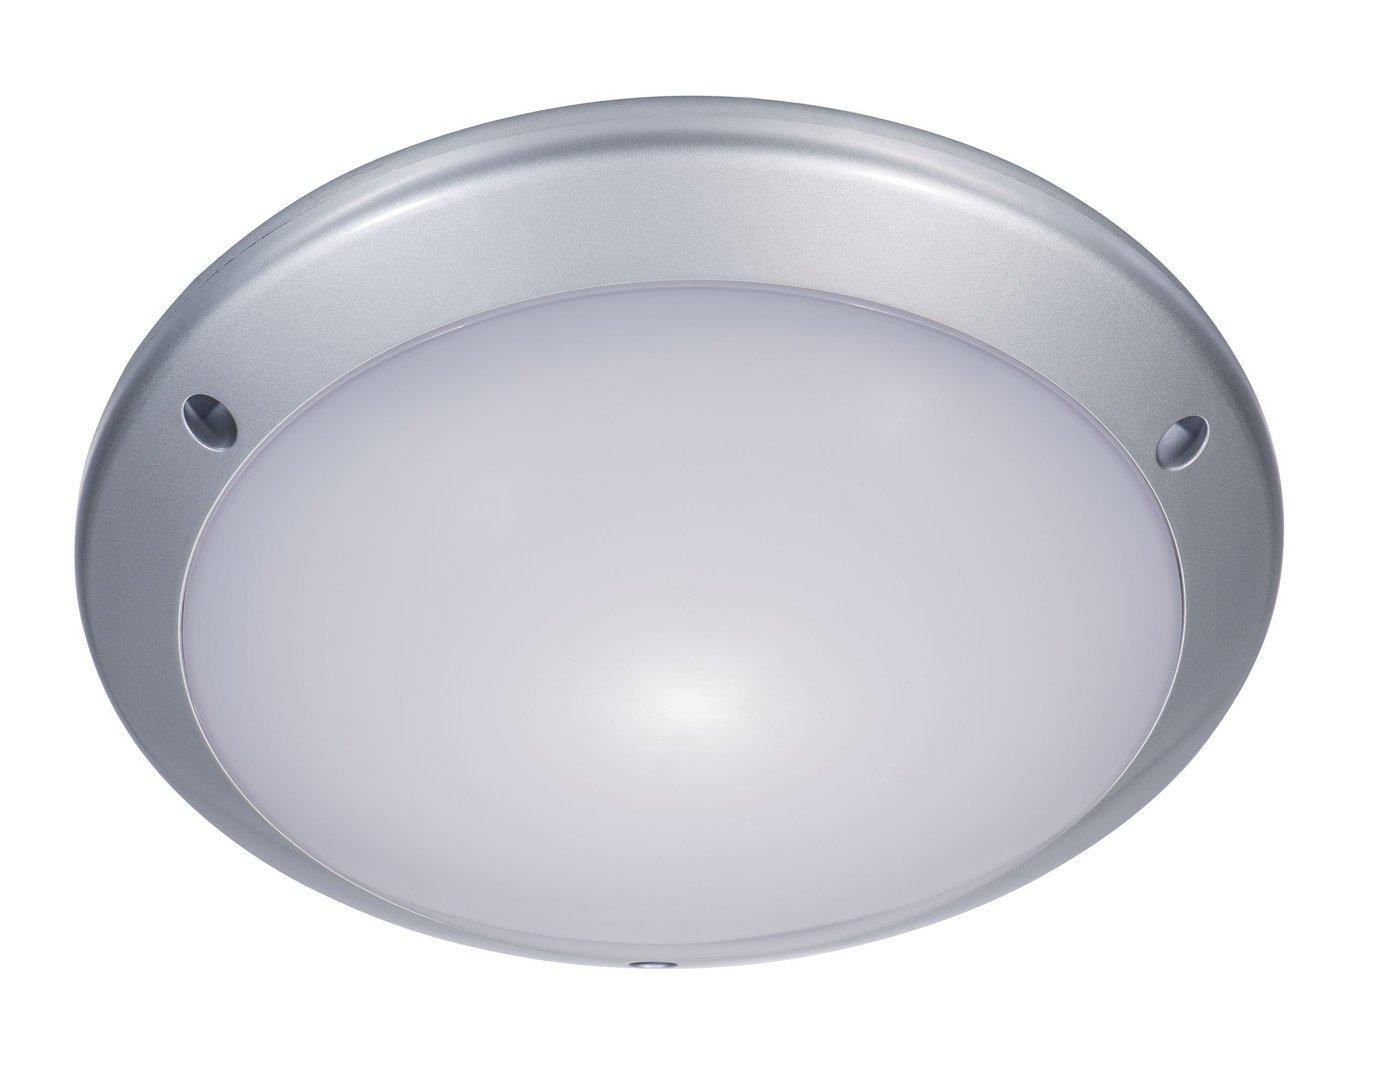 colore: Bianco Honsel 85993 Ass II Plafoniera in vetro satinato eco alogena a 3 punti luce E27 25 W /Ø 43 cm